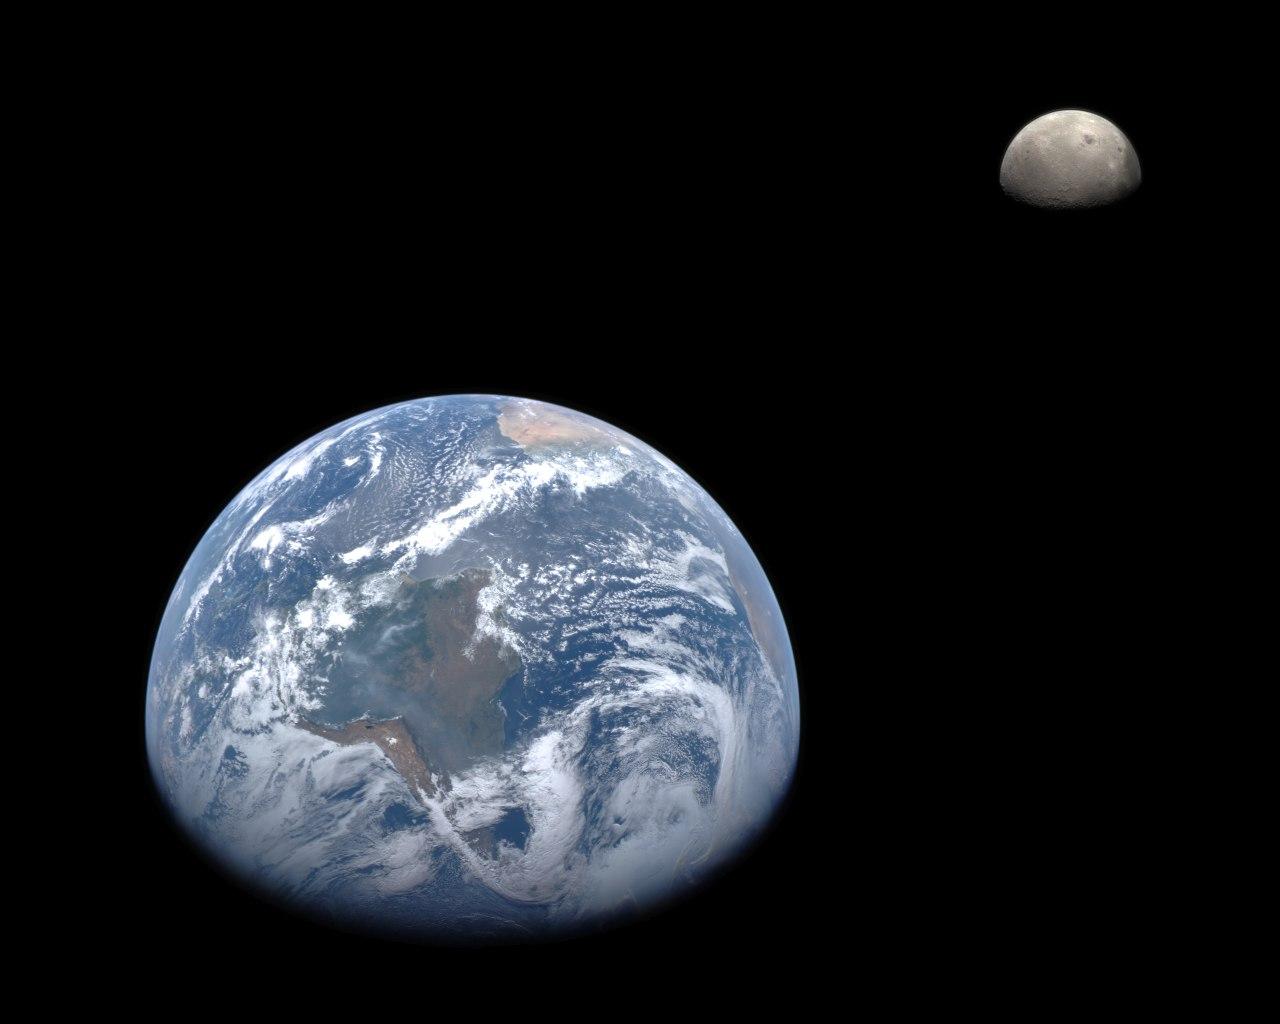 Земля и Луна с зонда MESSENGER